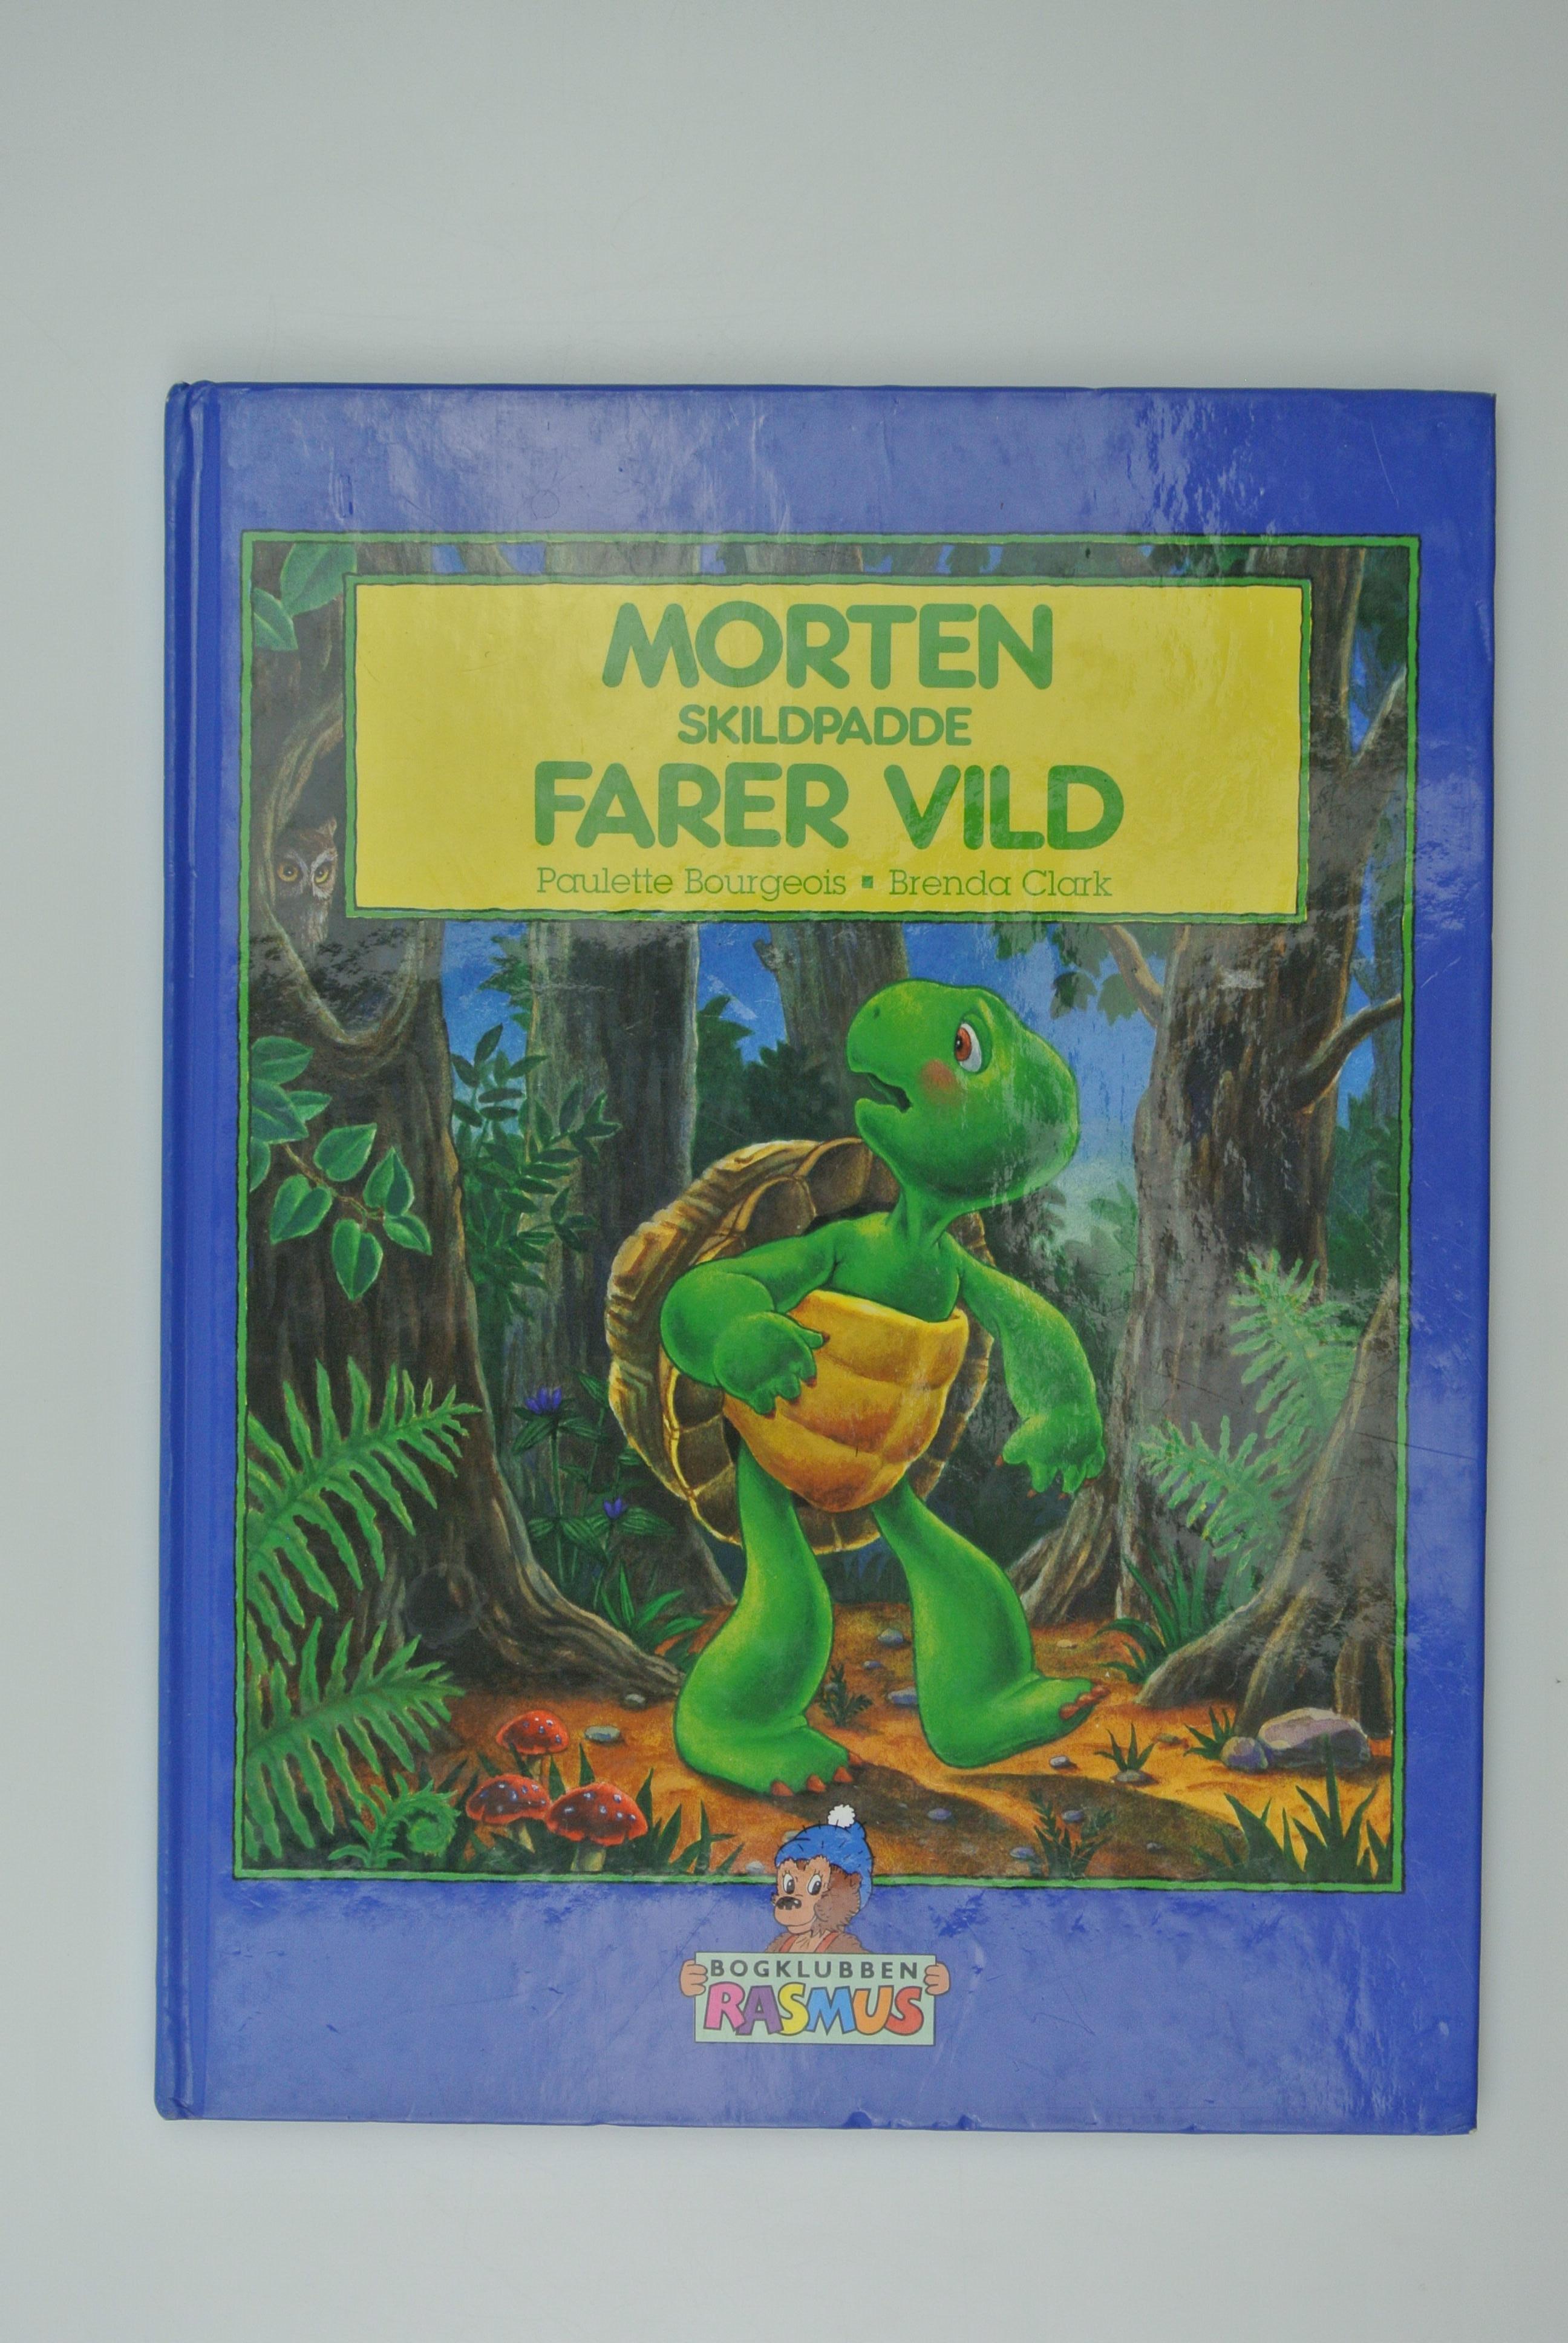 Morten Skildpadde Farer vild bog